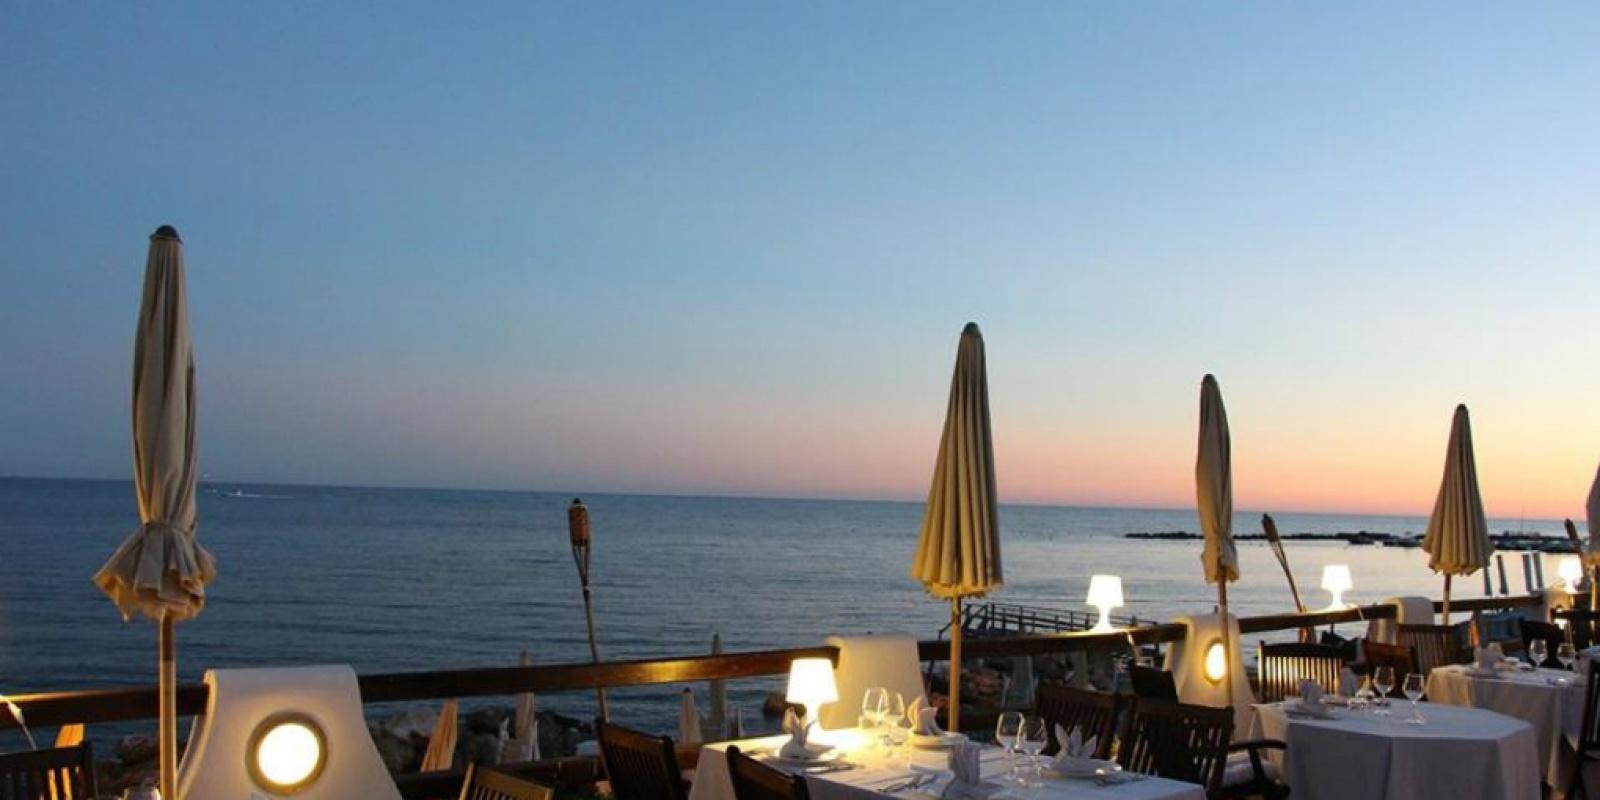 Matrimonio Sul Litorale Romano : I migliori ristoranti sul mare di roma dove mangiare